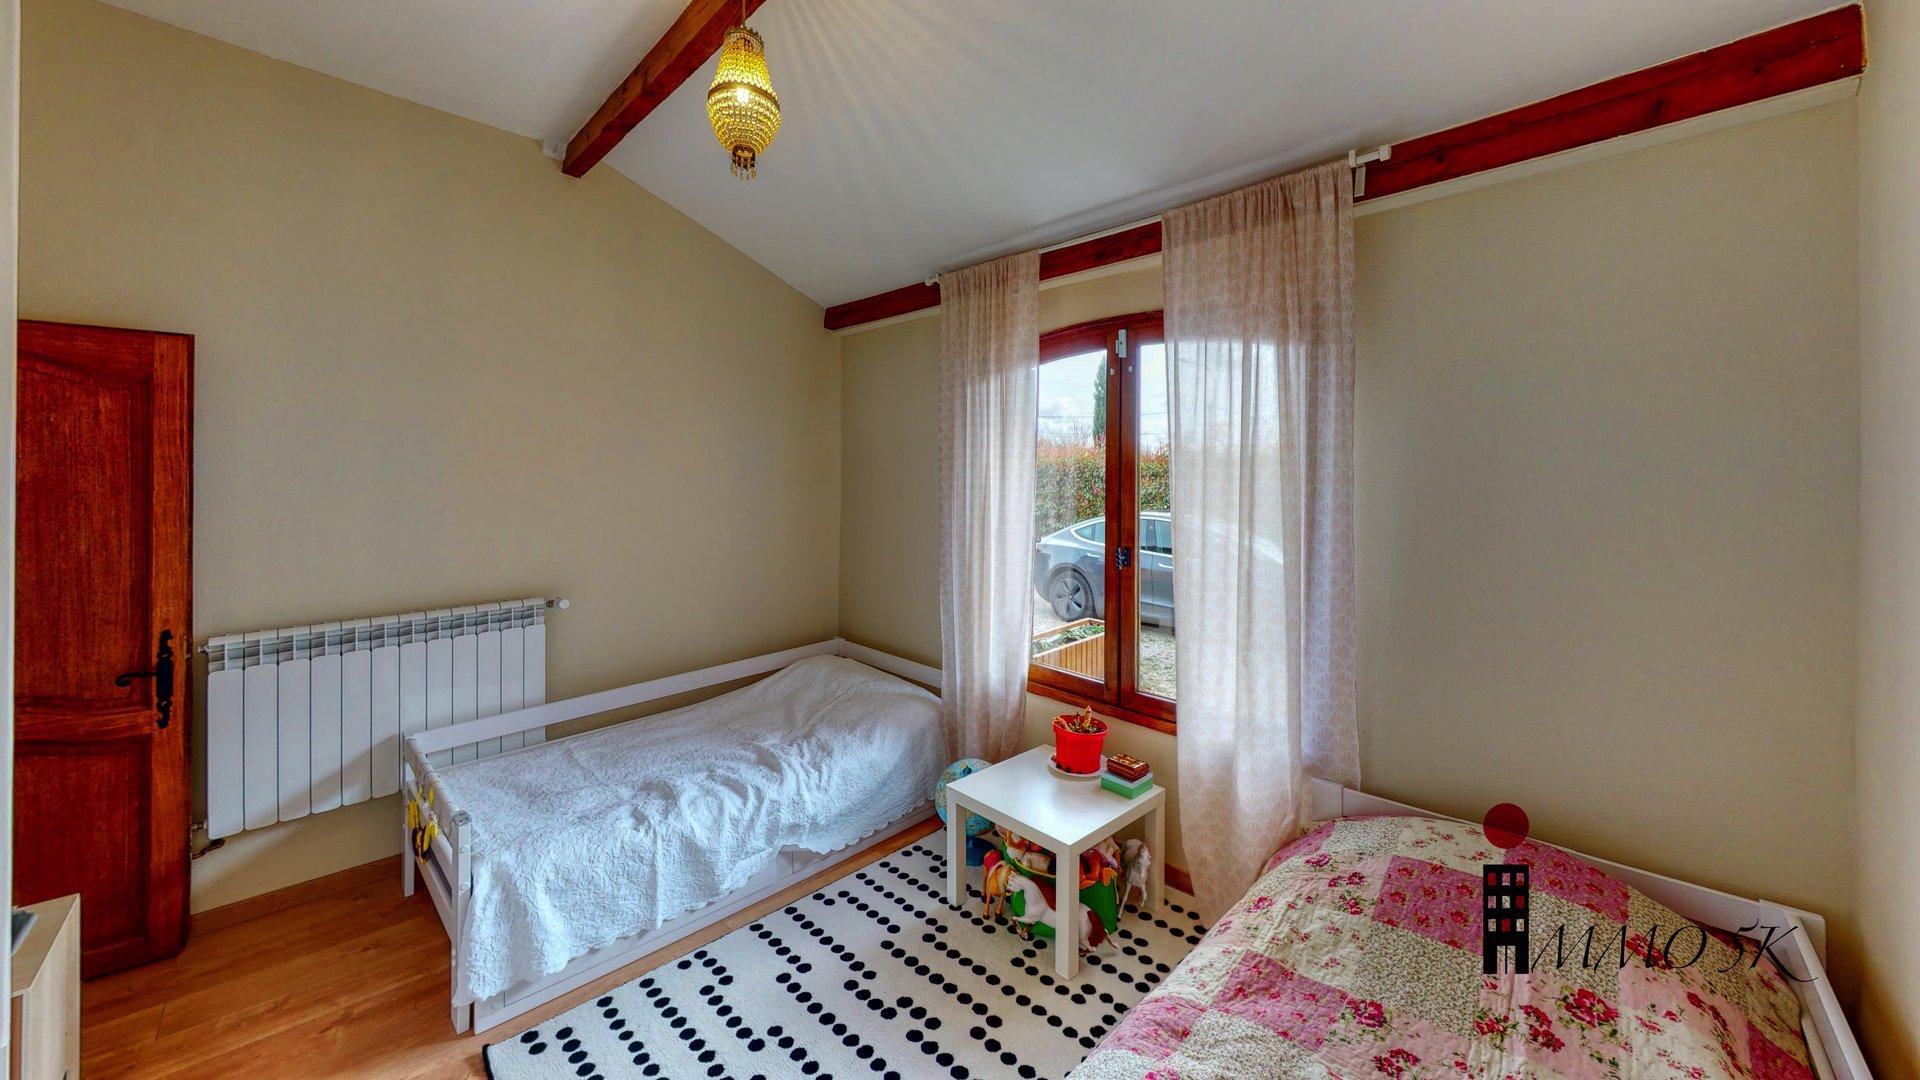 Maison de plain pied 97,67m2 - 4 pièces - 3 chambres - 1008m2 de Terrain